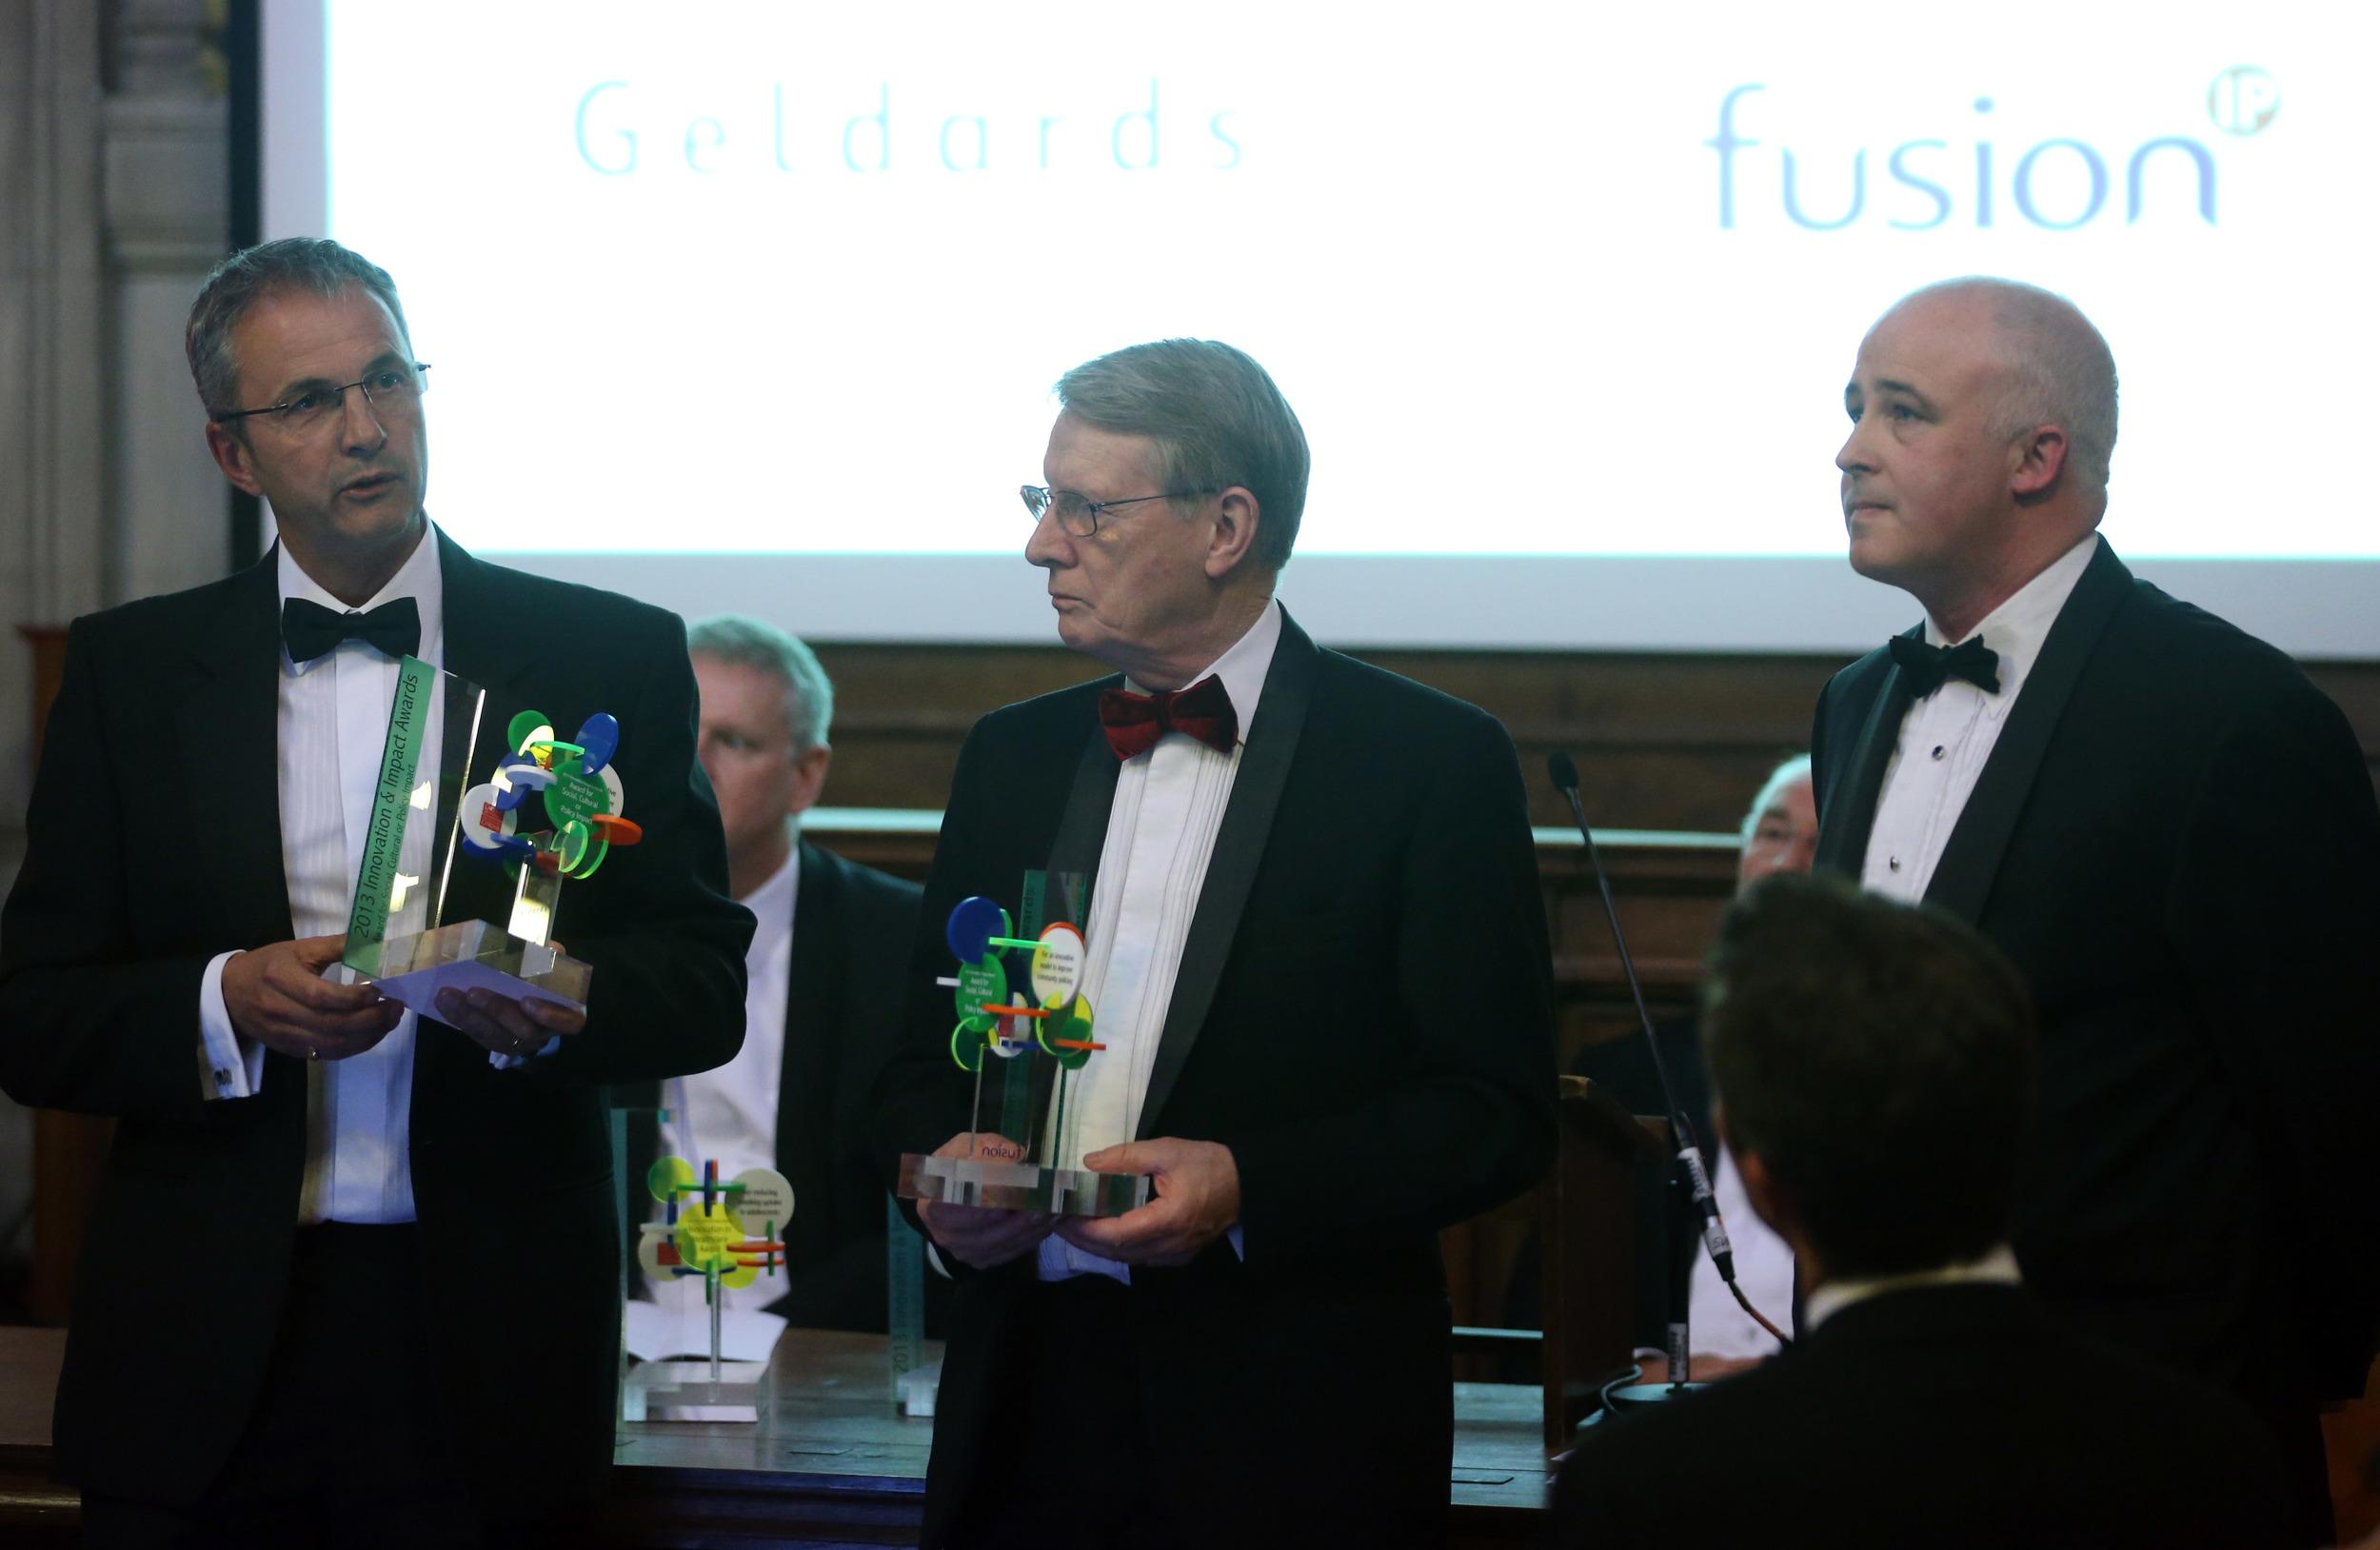 21.05.13 mh 2013 Innovation Awards 94